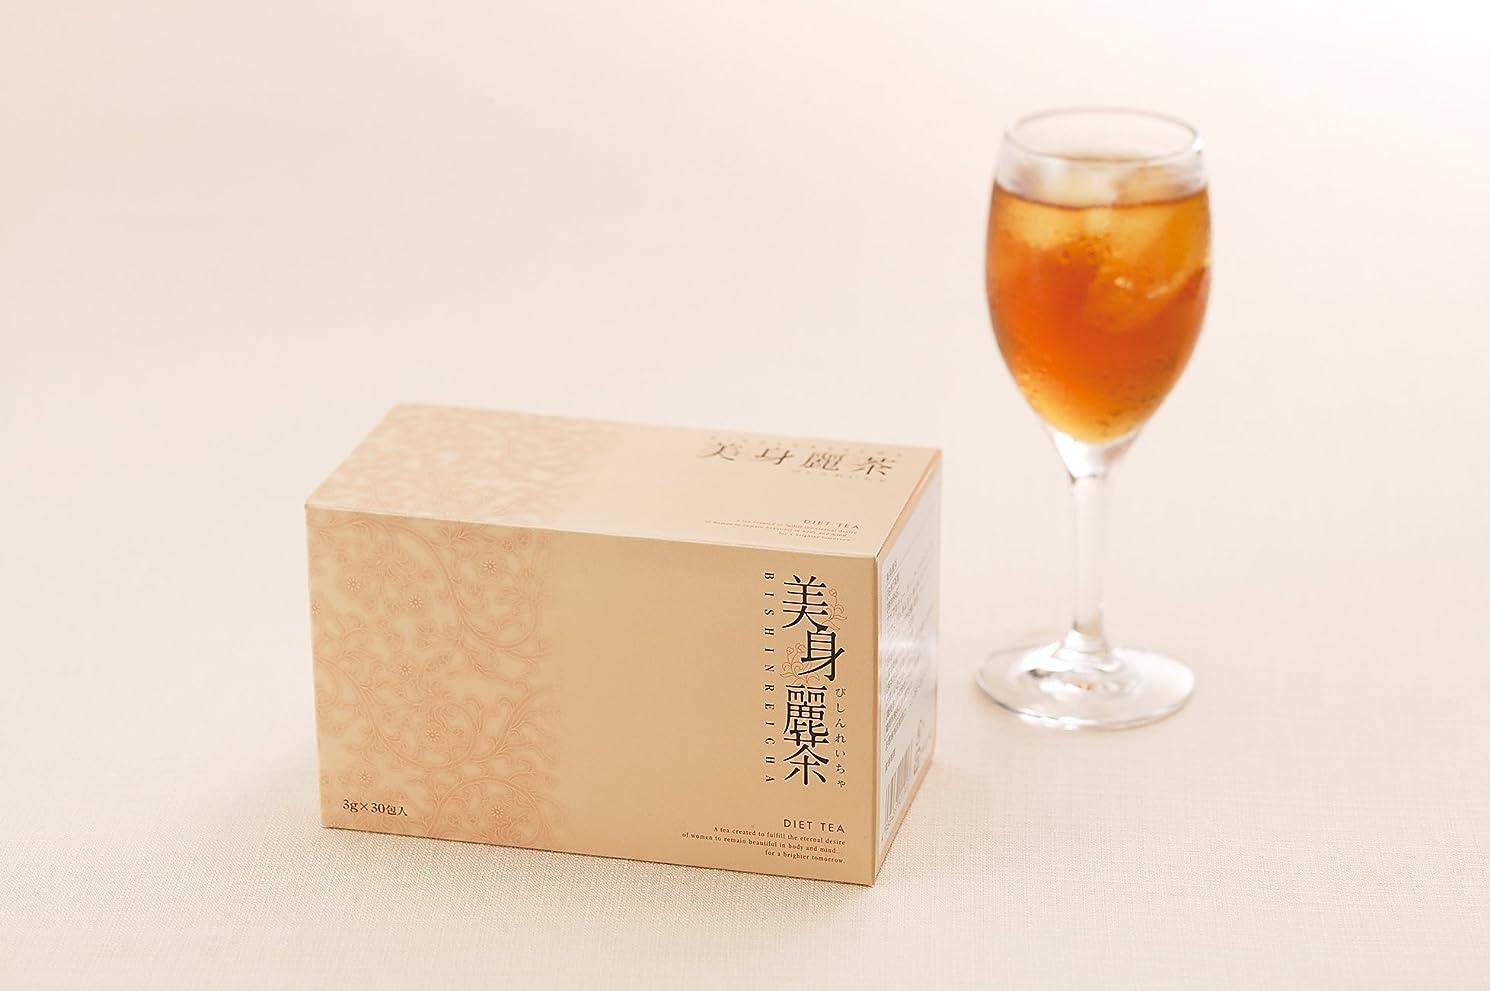 溶ける関与するマエストロ4個 美身麗茶 3g×30包 ダイエット お茶 ティー